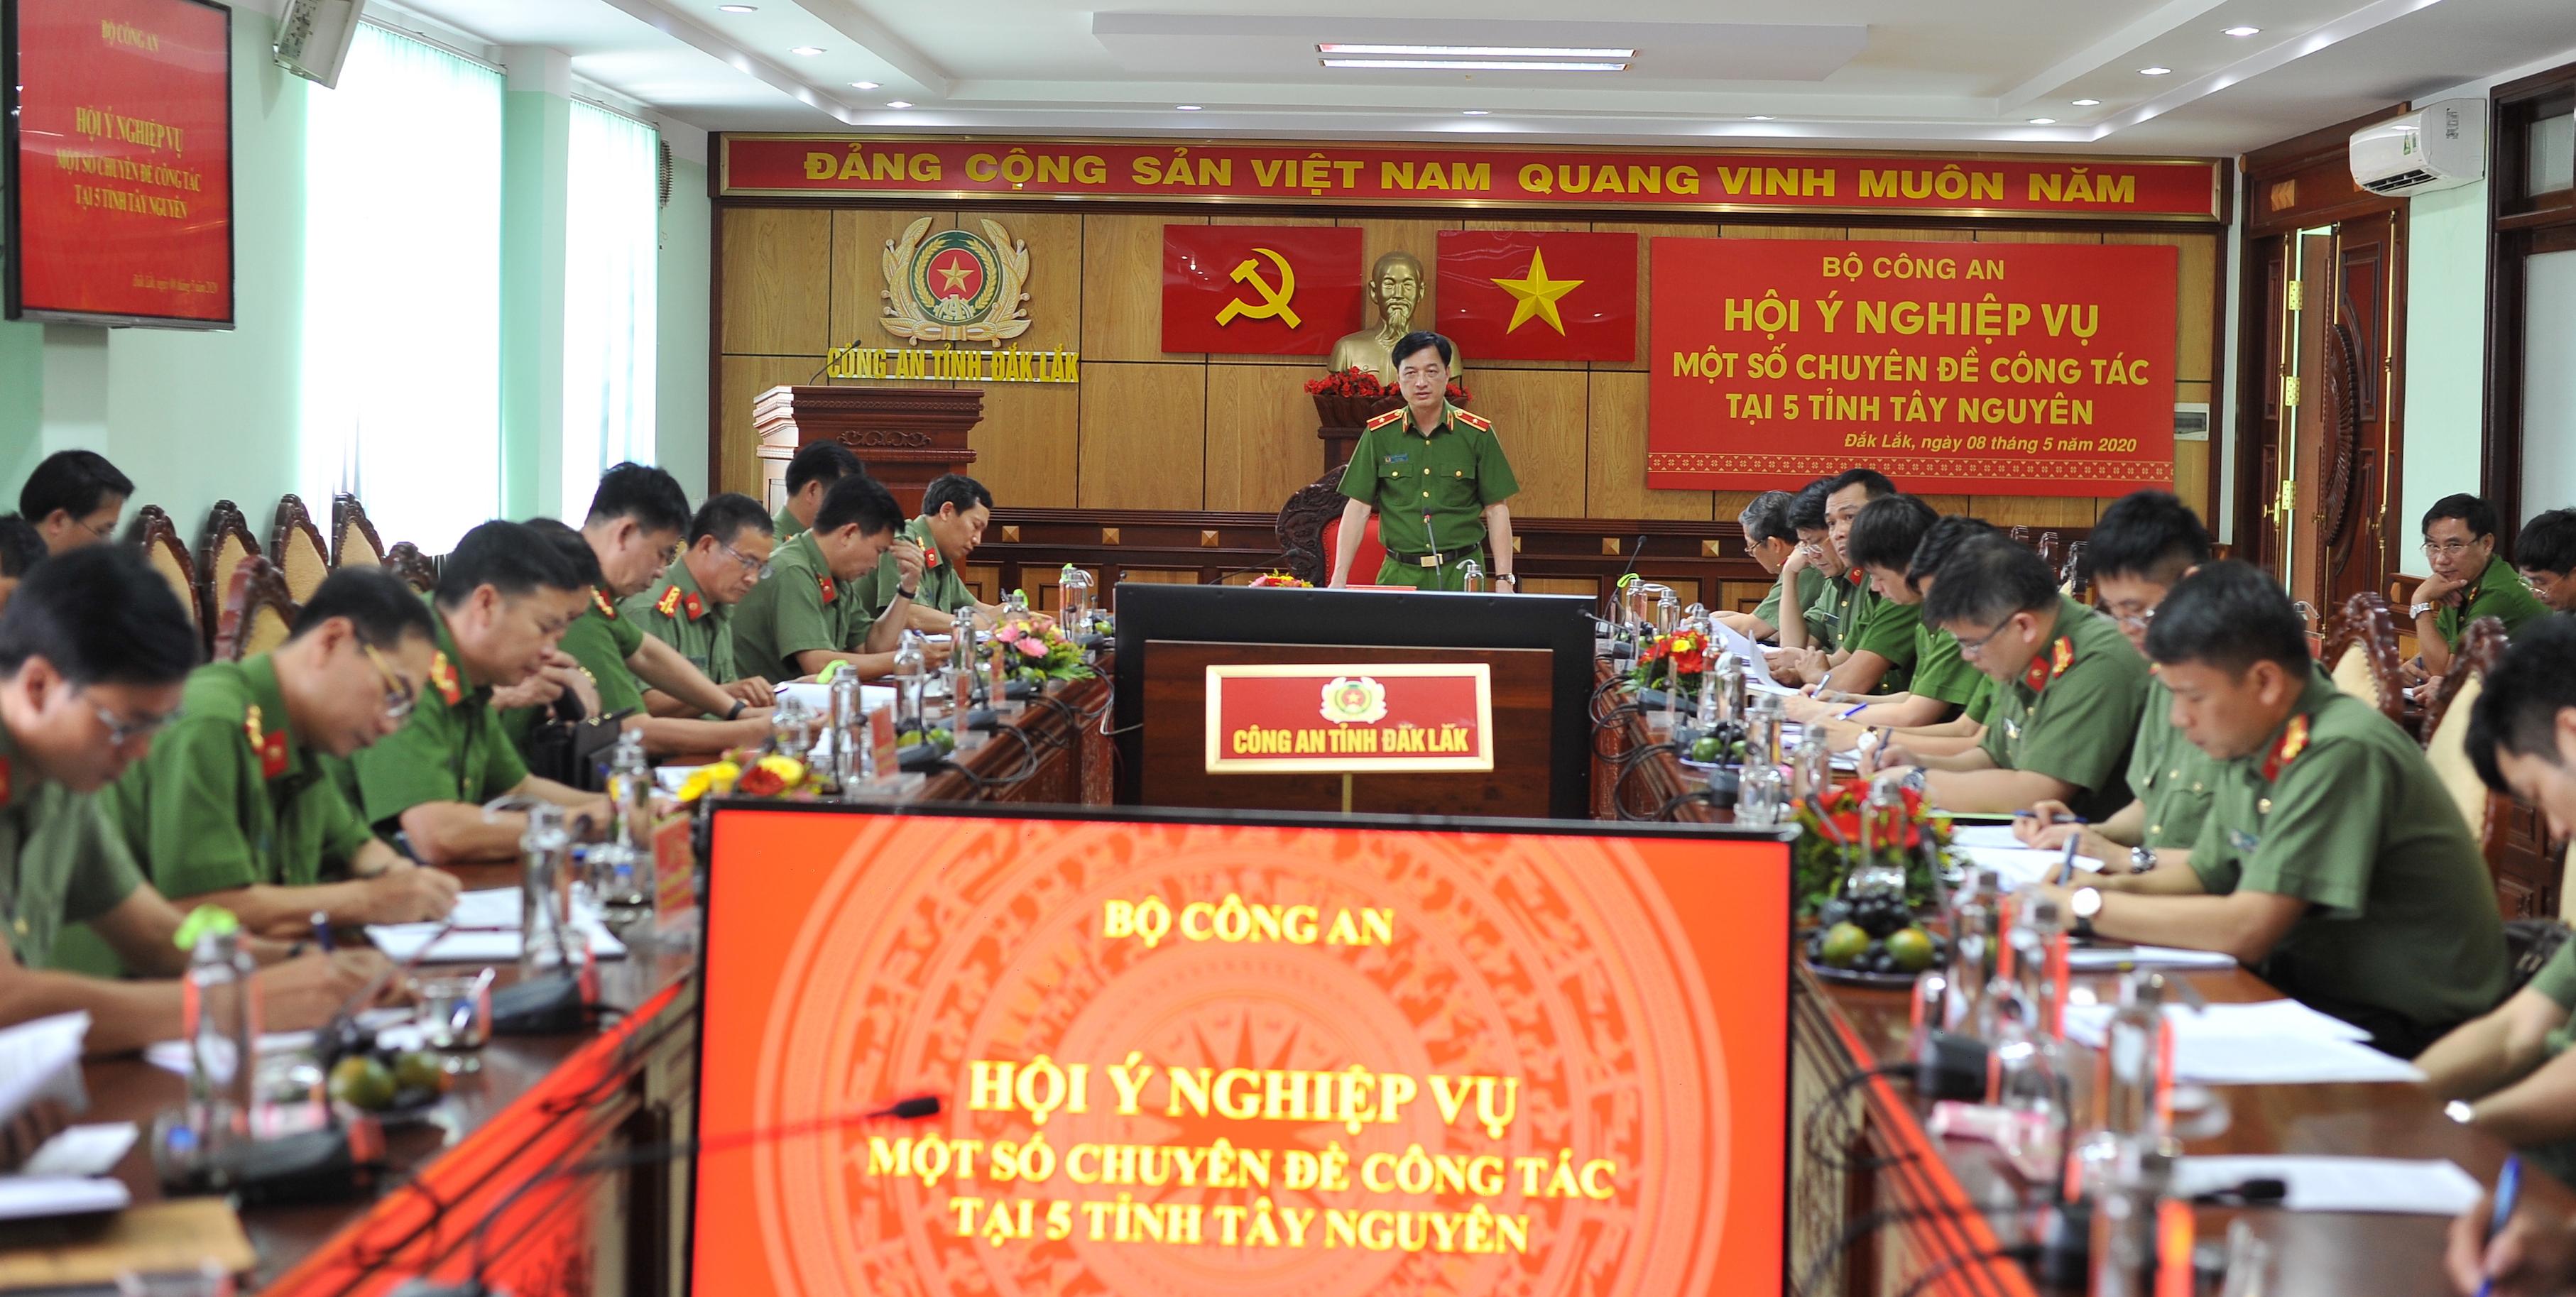 Hội nghị một số chuyên đề công tác tại Tây Nguyên